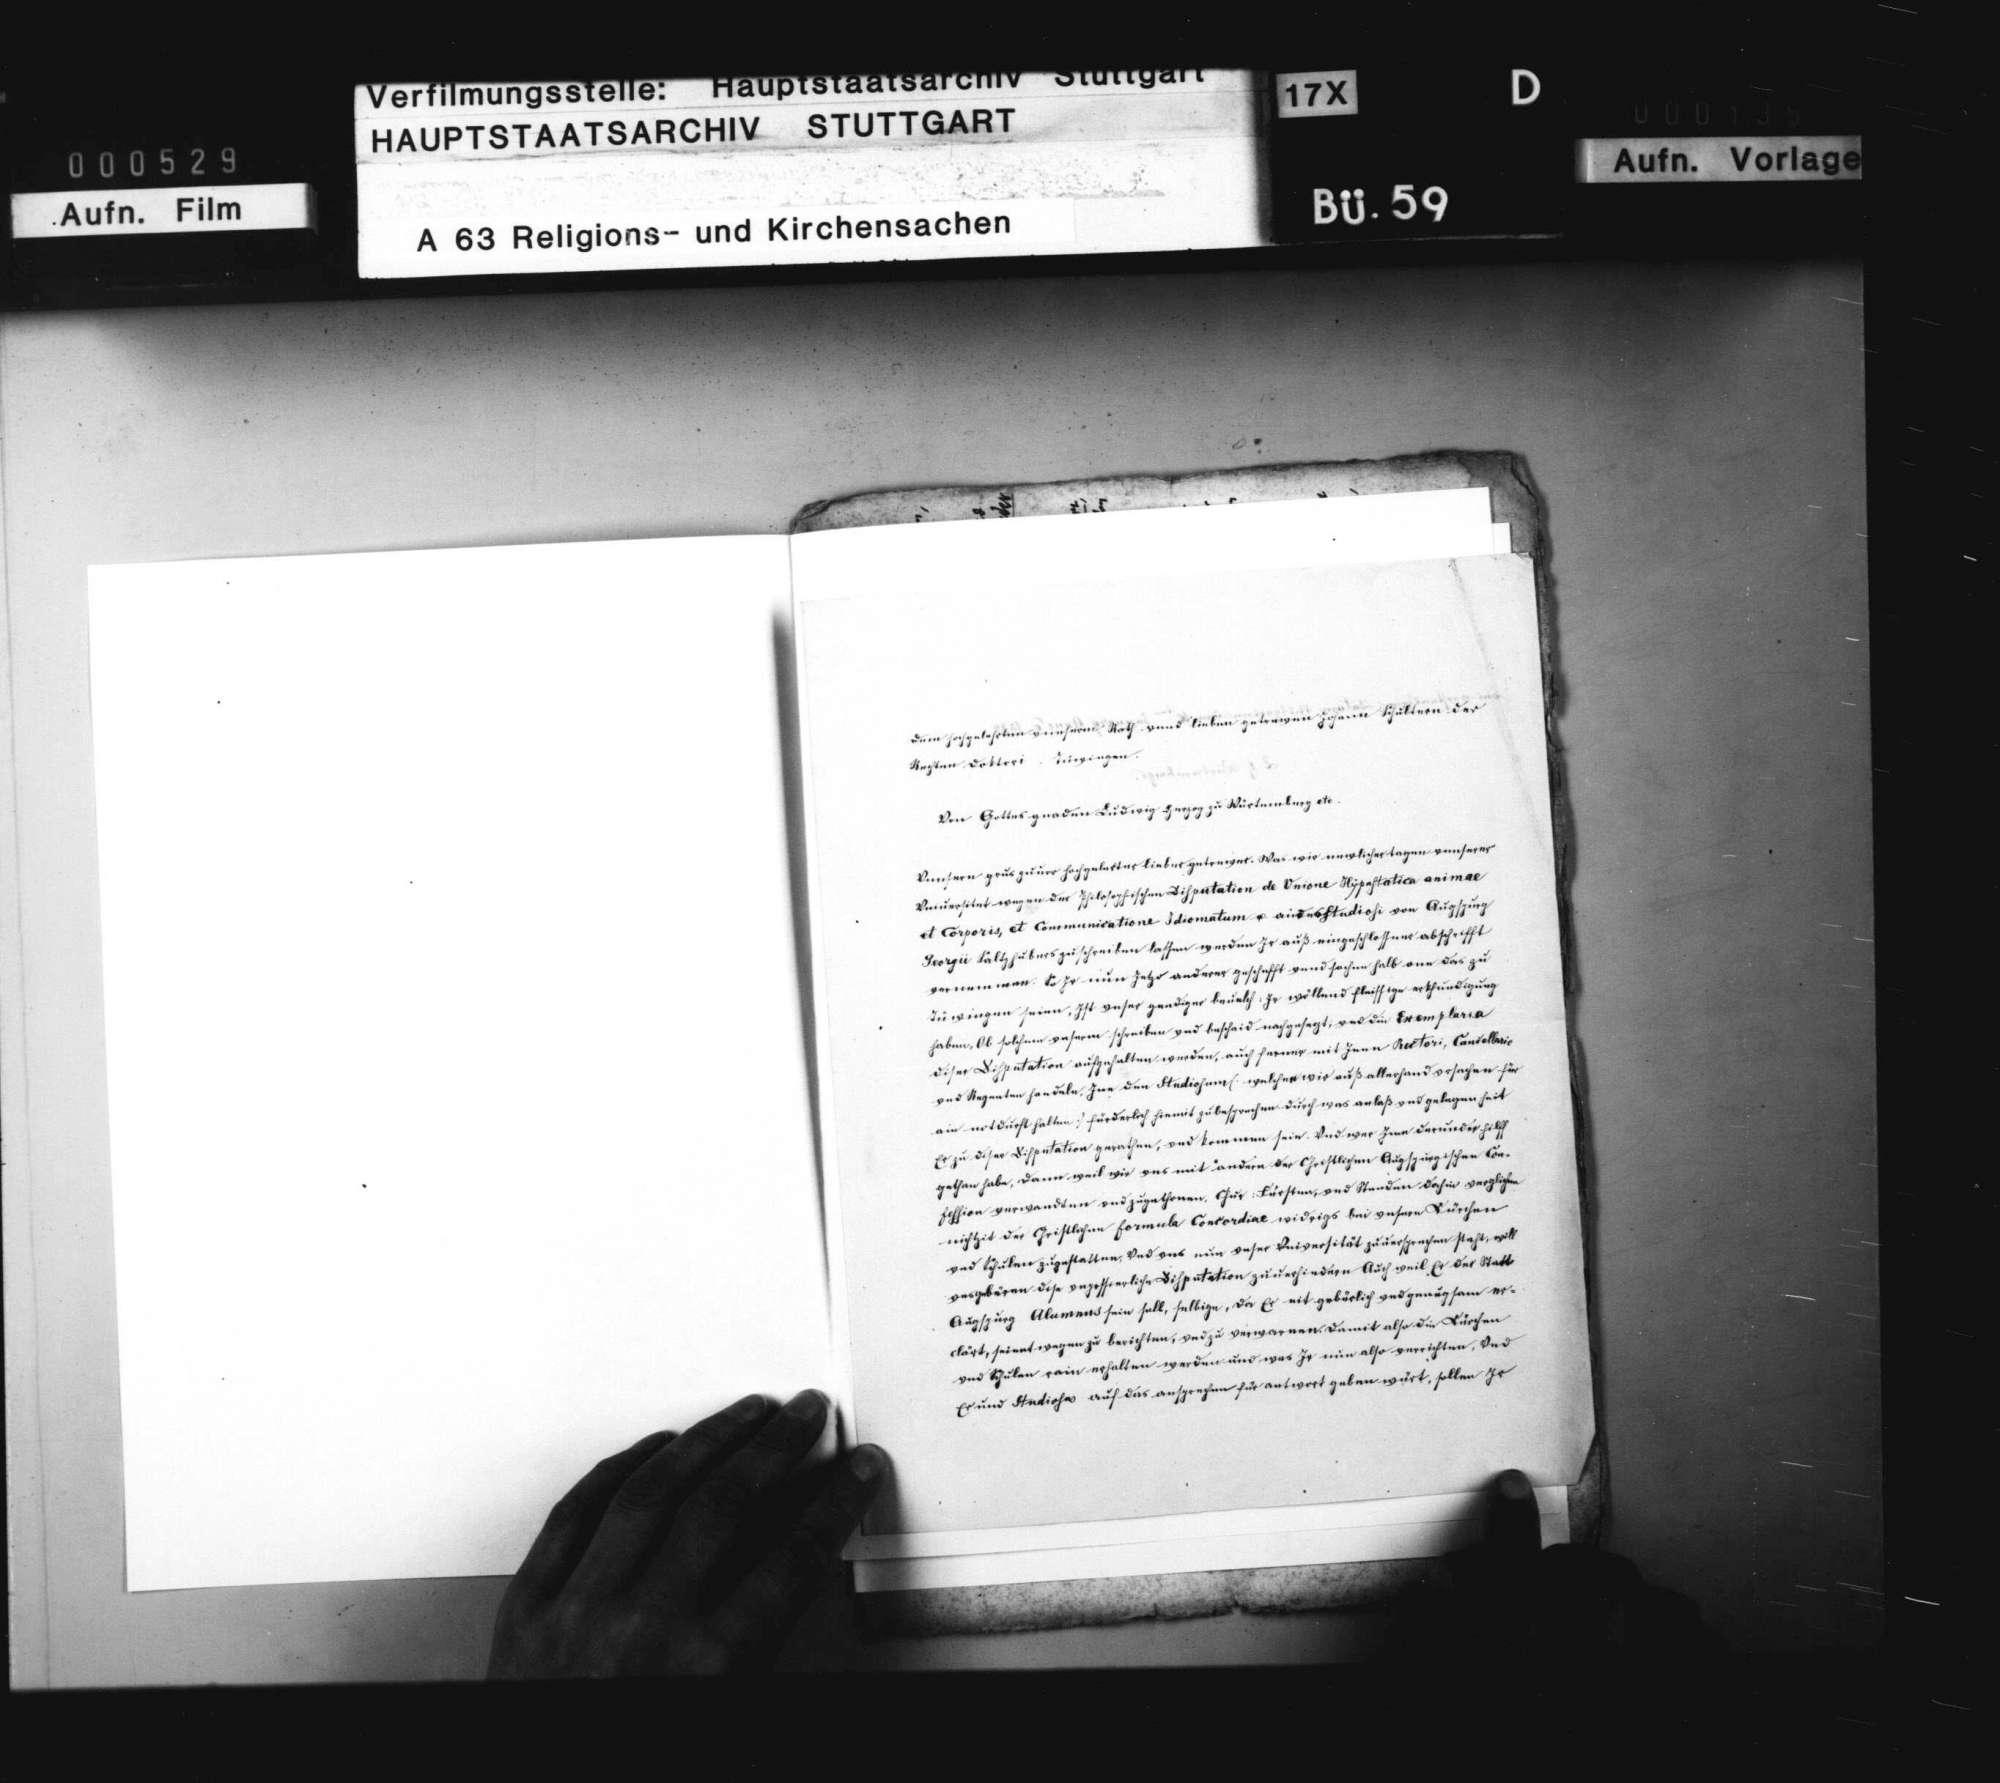 Herzog Ludwigs Schreiben an Dr. Johann Schulter zu Tübingen, betreffend die philosophische Disputation des Studenten Georg Salzhuber aus Augsburg, welche hinsichtlich der kirchlichen Lehre Anstände darbietet., Bild 1